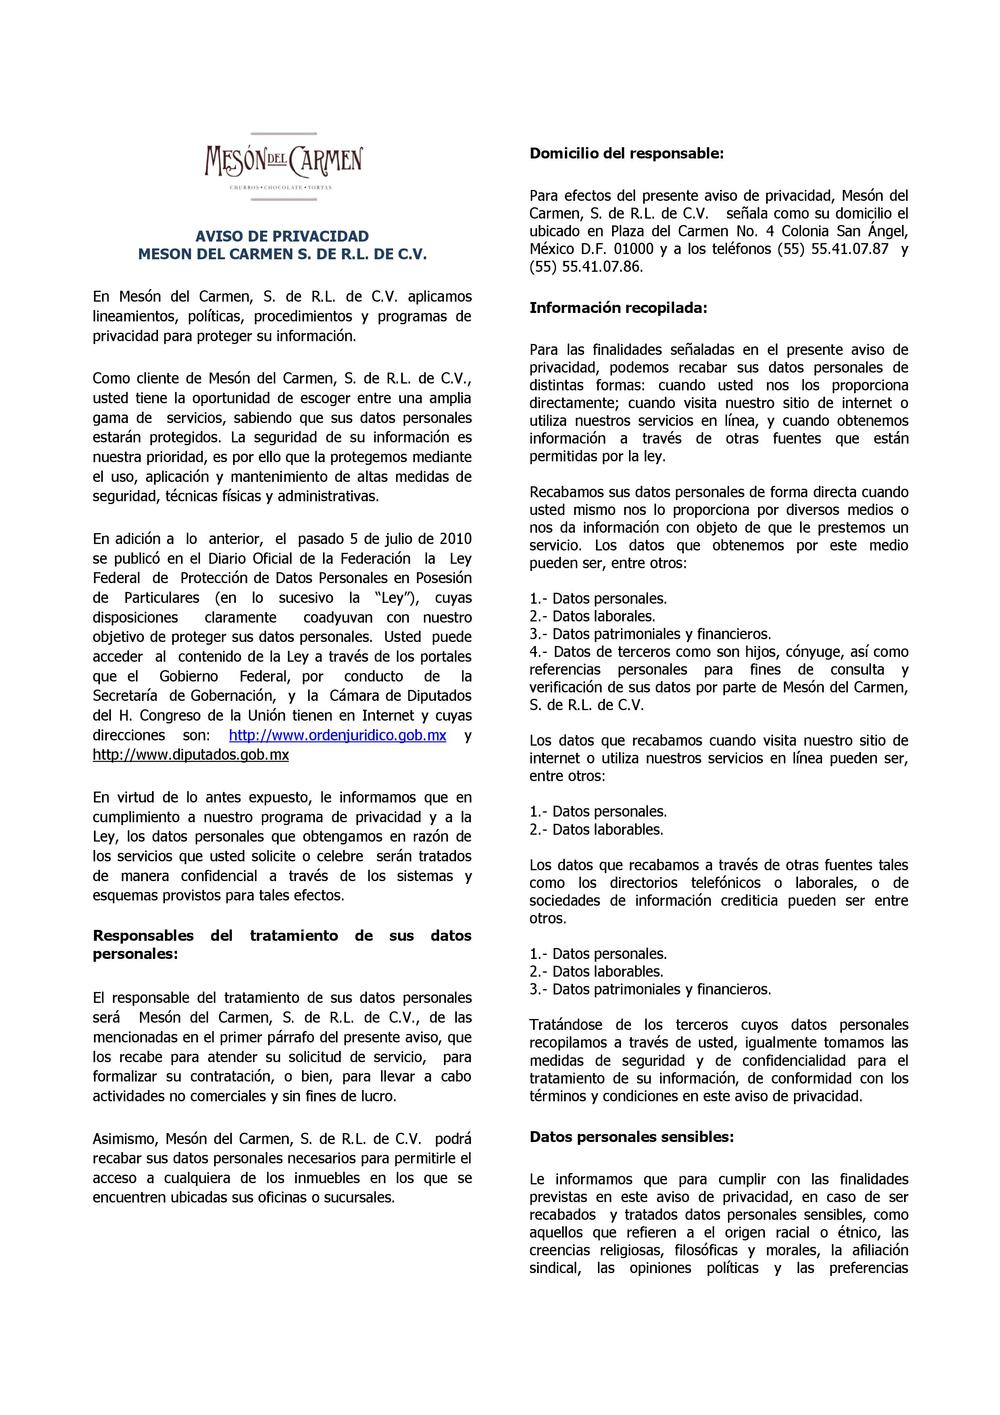 AVISO_DE_PRIVACIDAD001.jpg